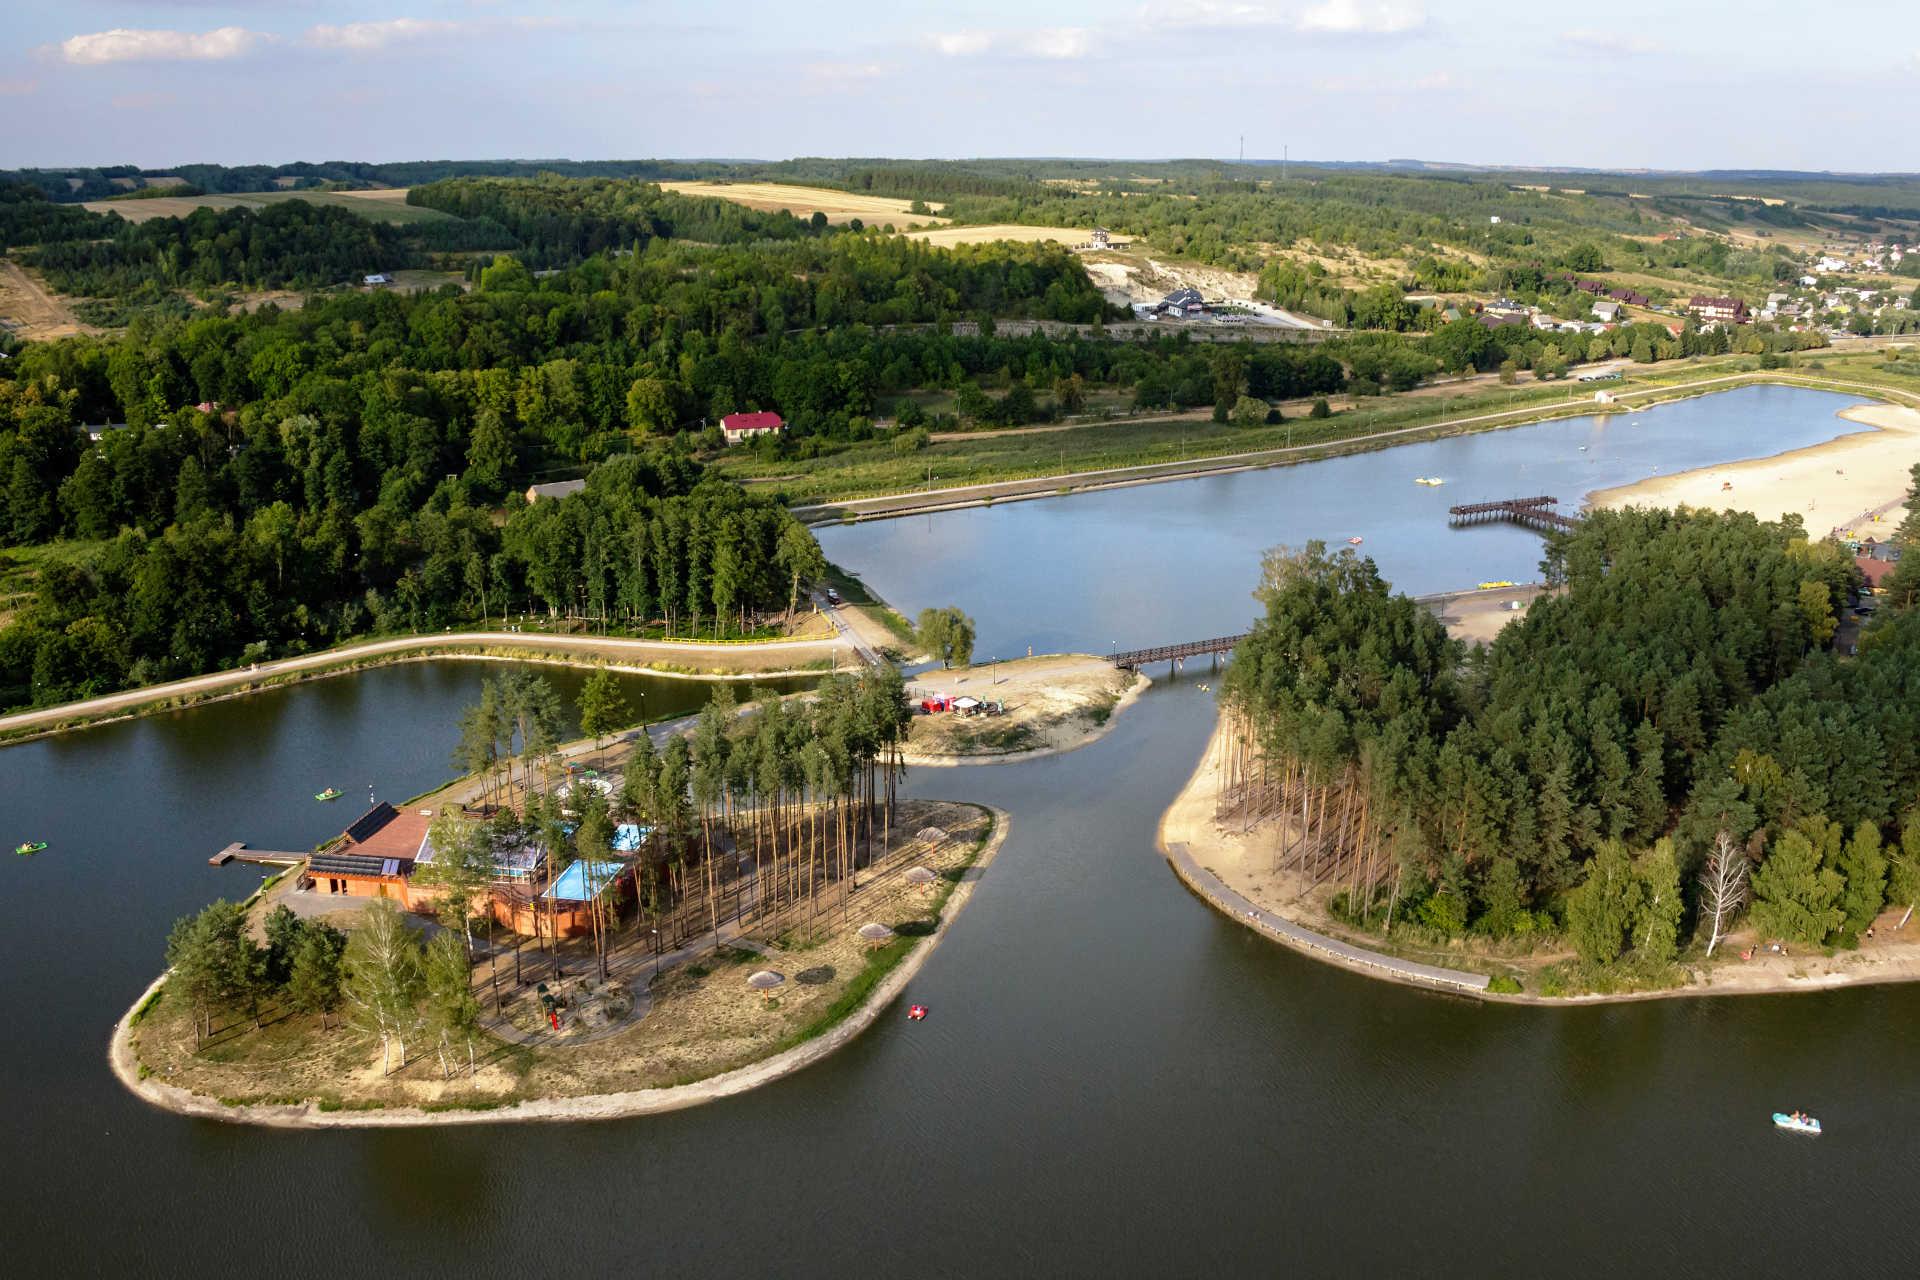 Obrazek przedstawia zdjęcie zalewu w gminie Krasnobród z lotu ptaka.